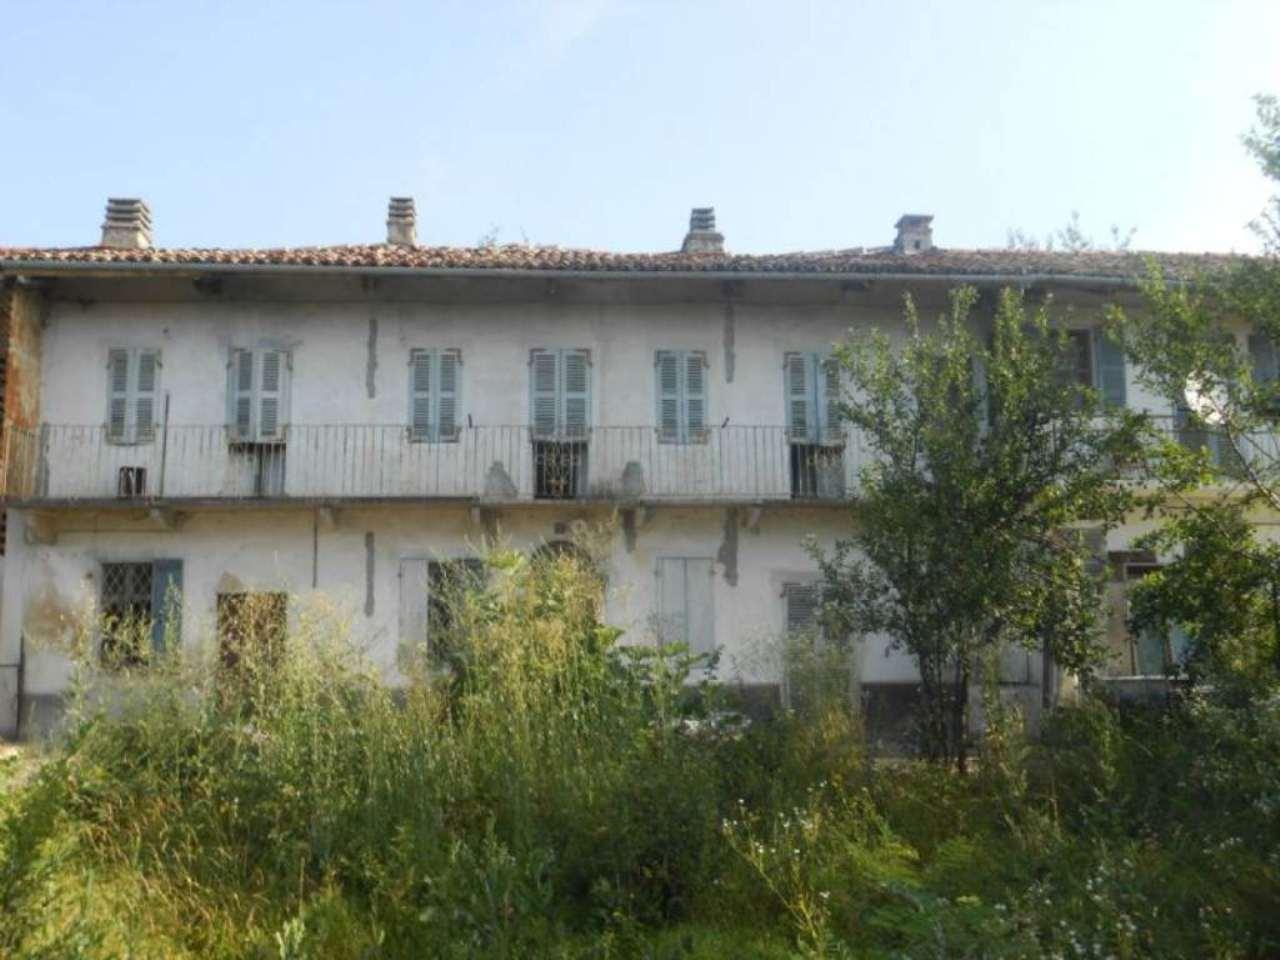 Rustico / Casale in vendita a Montiglio Monferrato, 13 locali, prezzo € 43.000 | CambioCasa.it